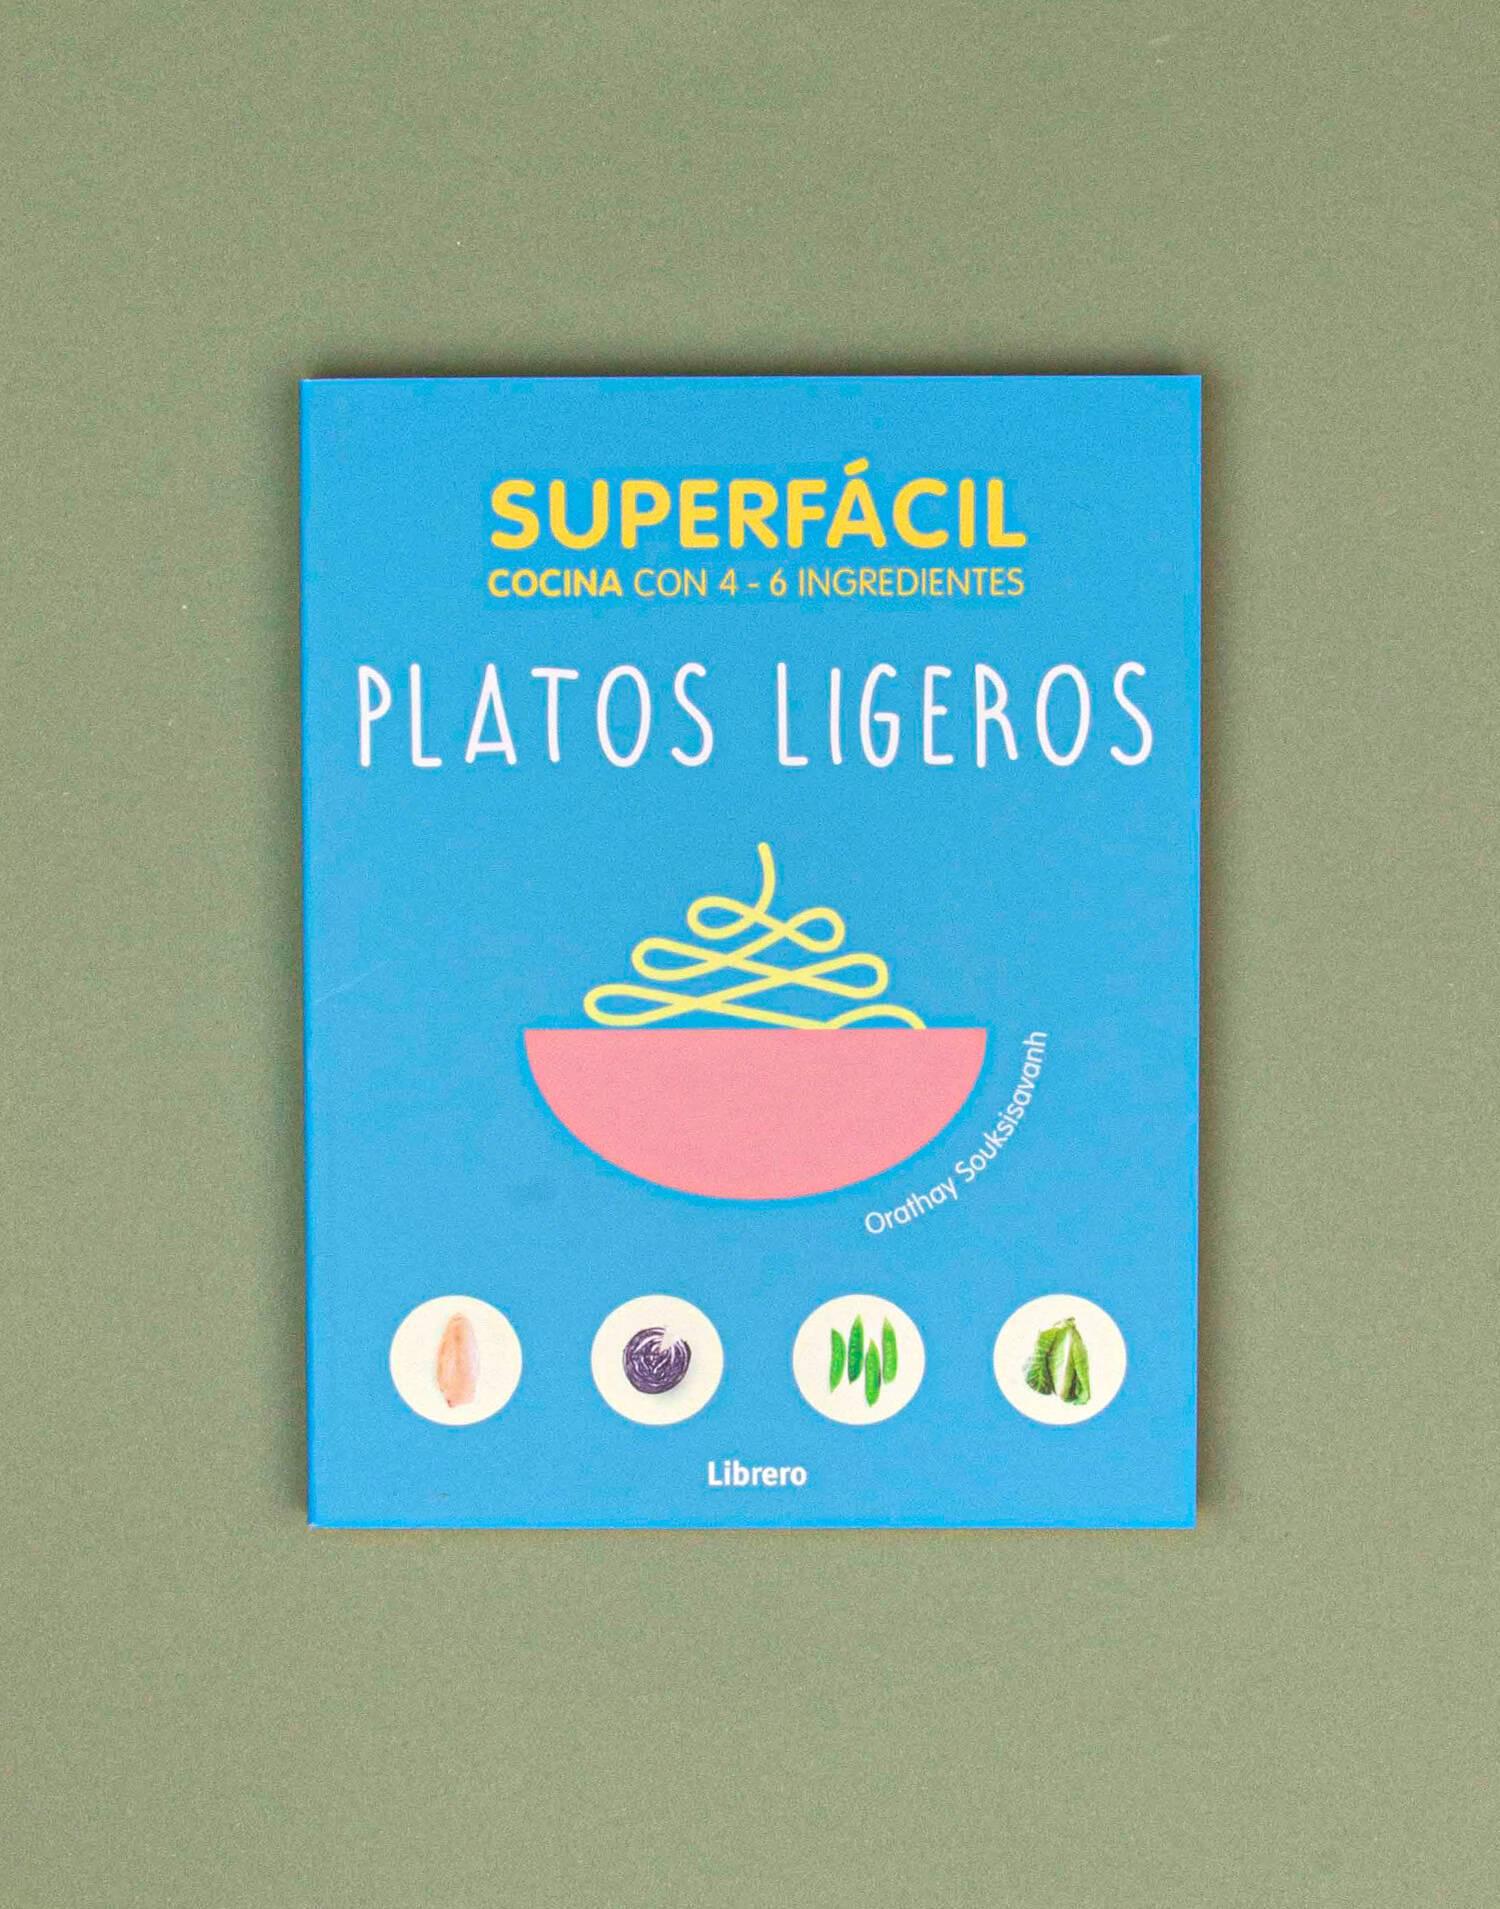 Superfacil platos ligeros